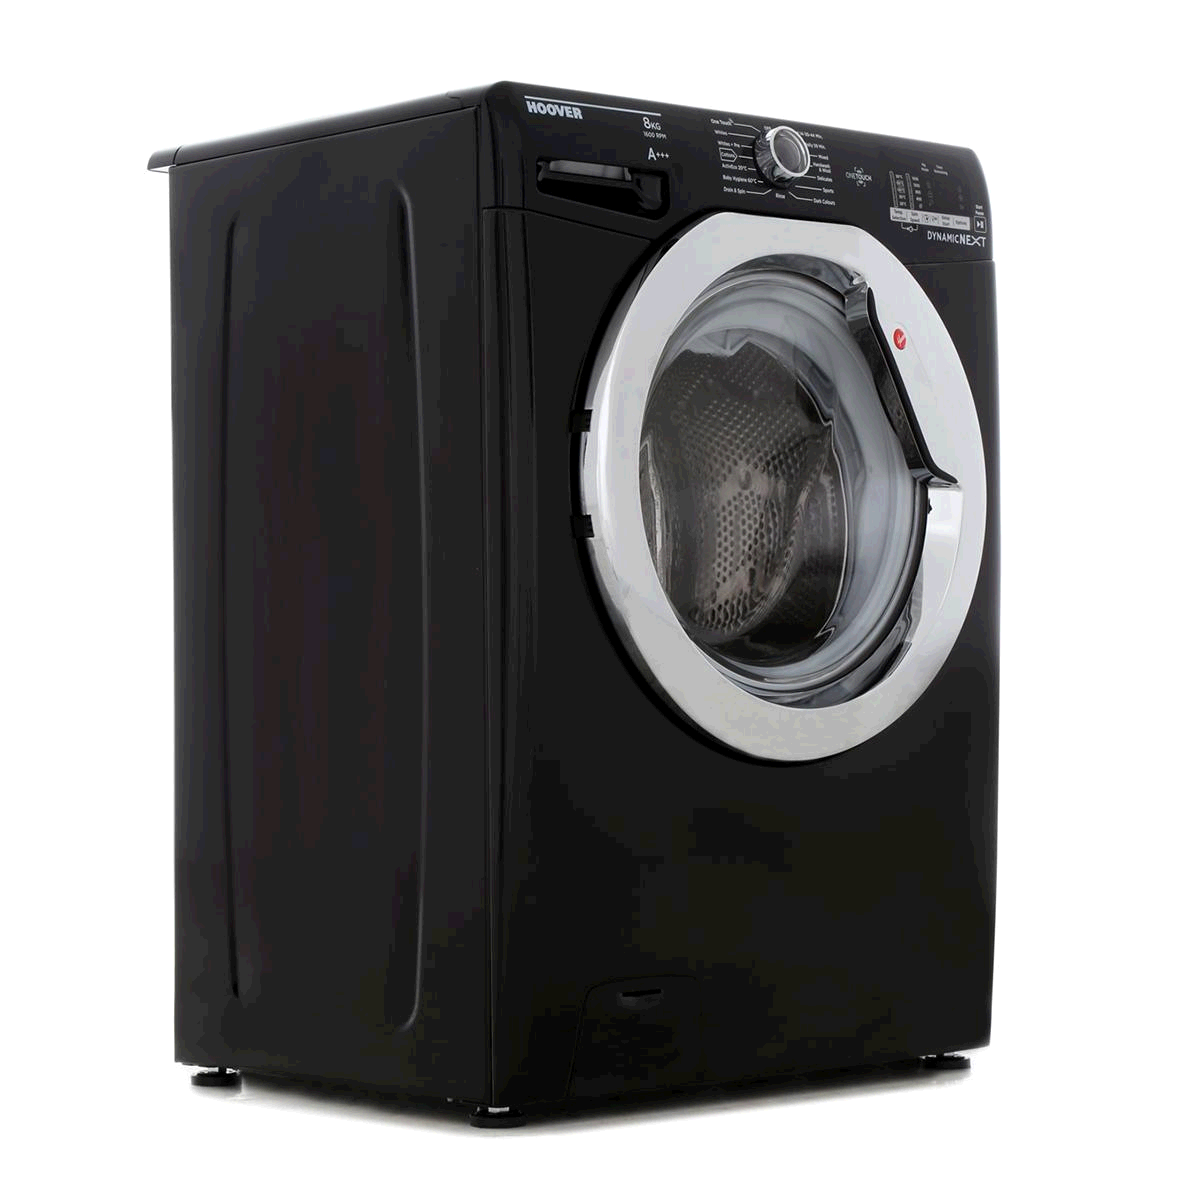 Hoover Washing Machine 8Kg 1600 Spin Speed Black c/w Chrome Door